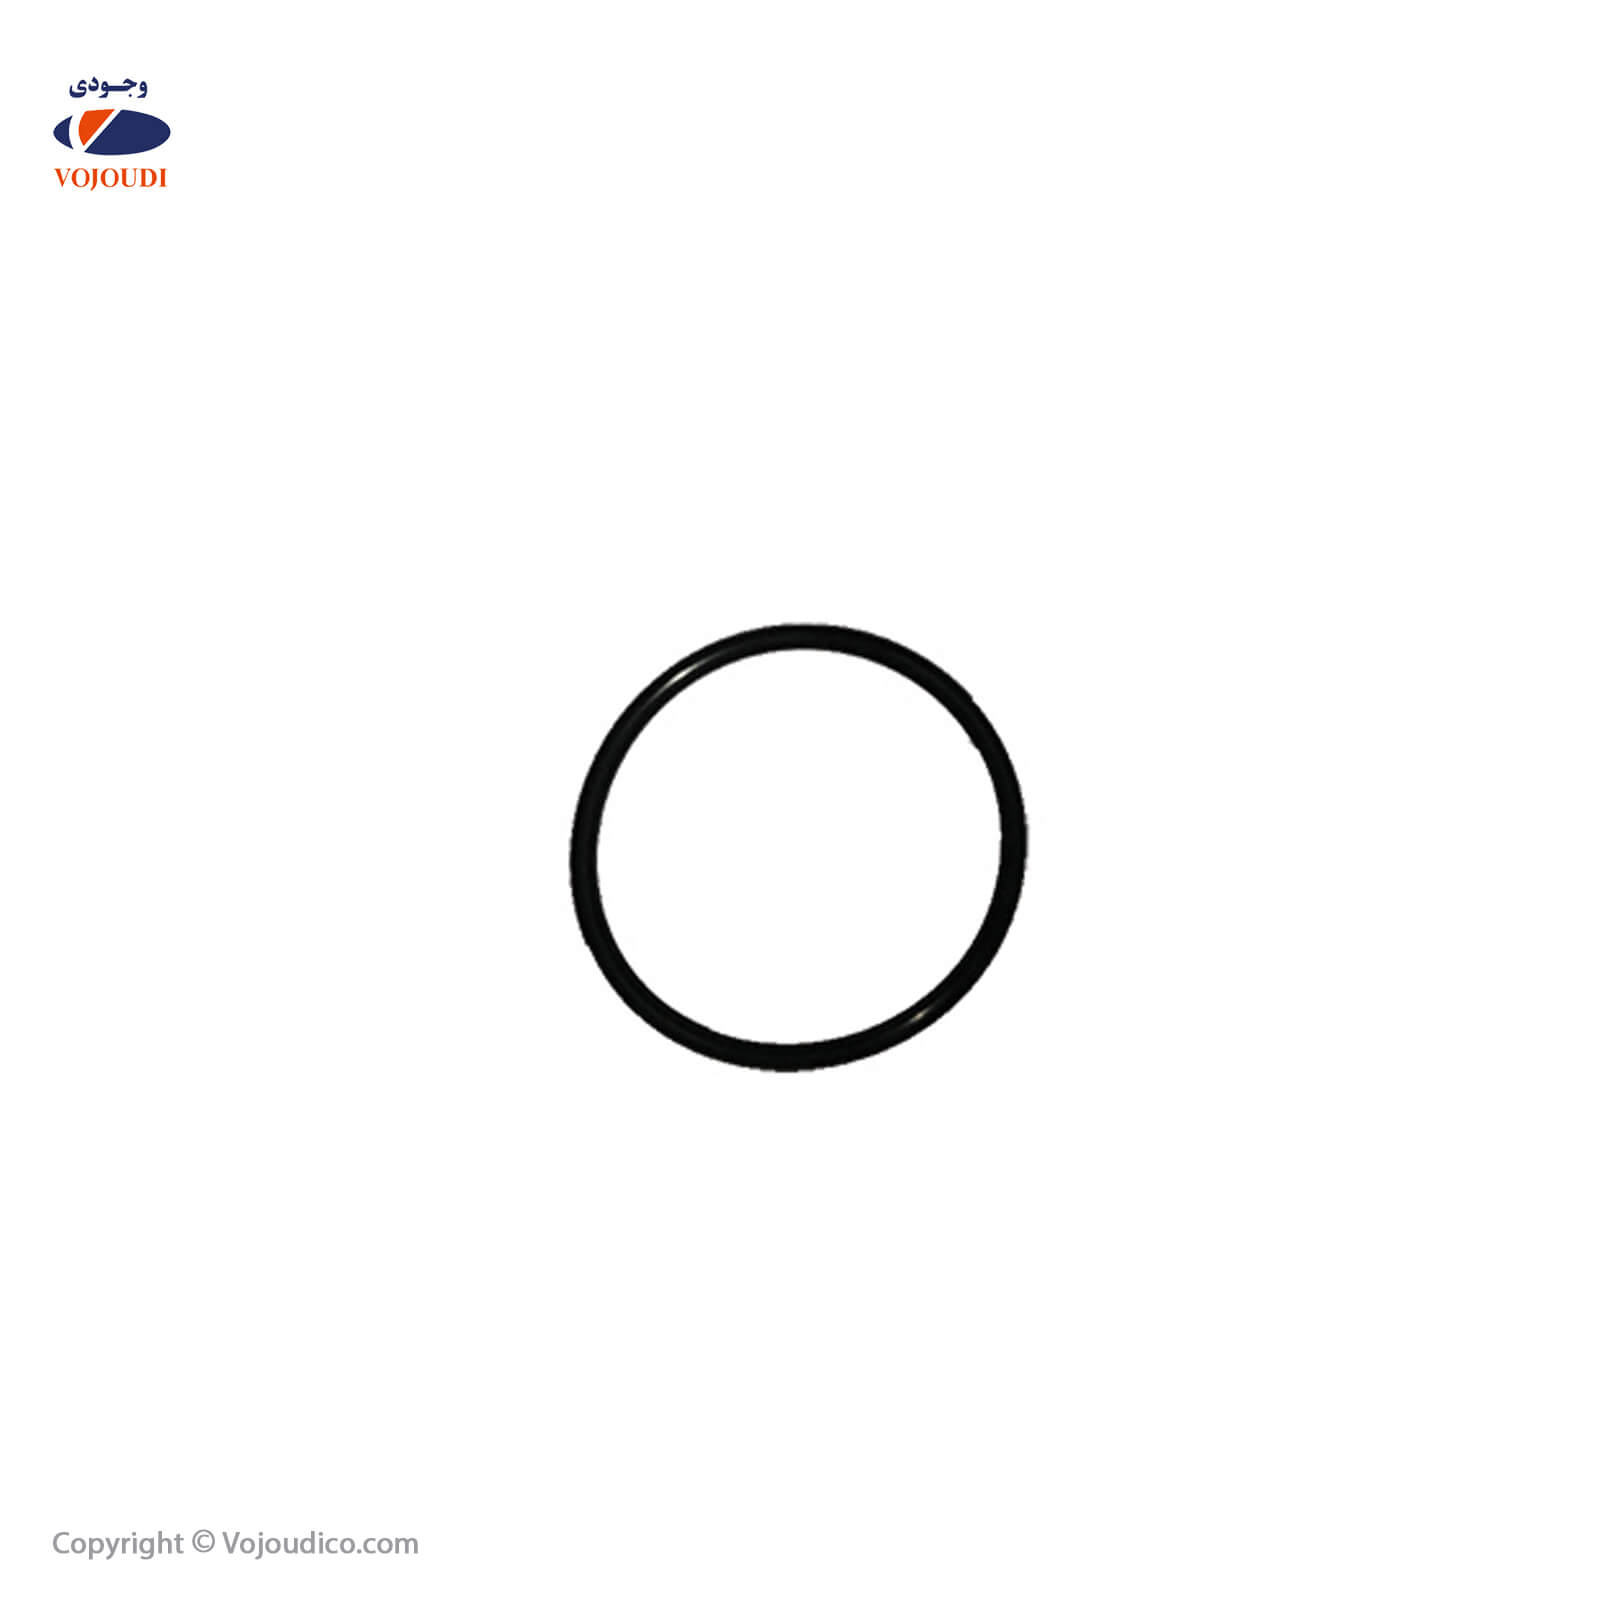 37251 2 - اورینگ سوزن انژکتور وجودی کد 37251 مناسب برای 206 ، تعداد بسته : 20 عدد